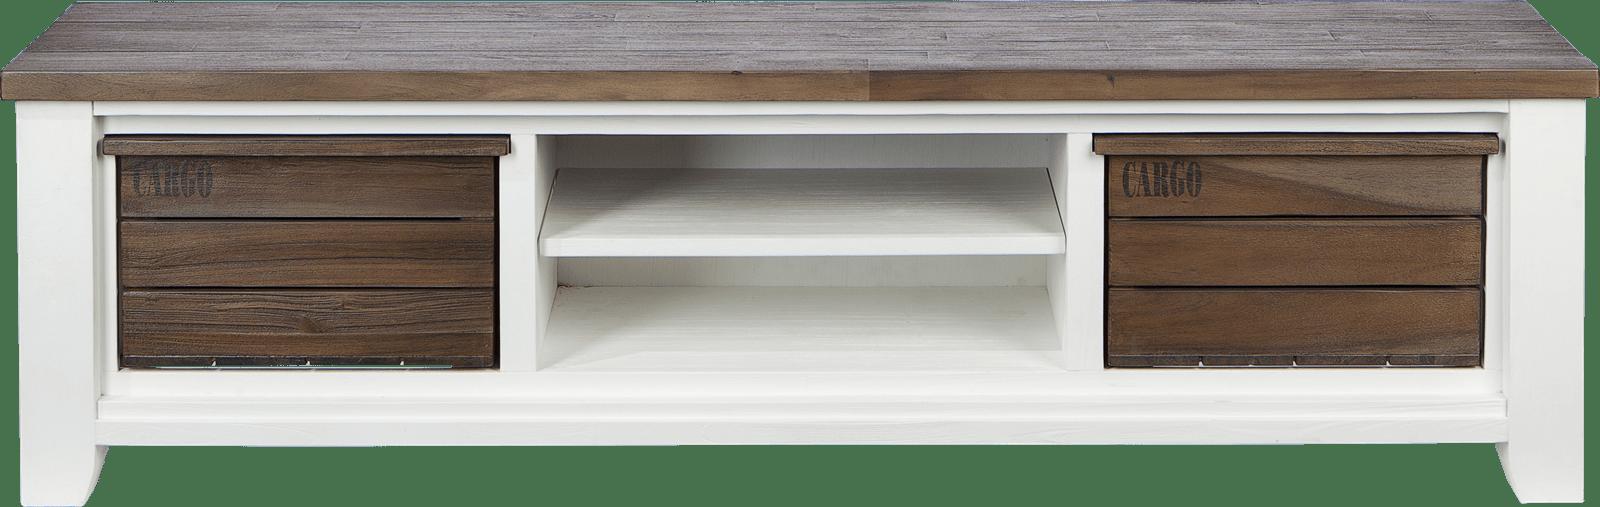 Meuble H Et H velasco meuble tv 190 cm - 2-corbeilles + 2-niches